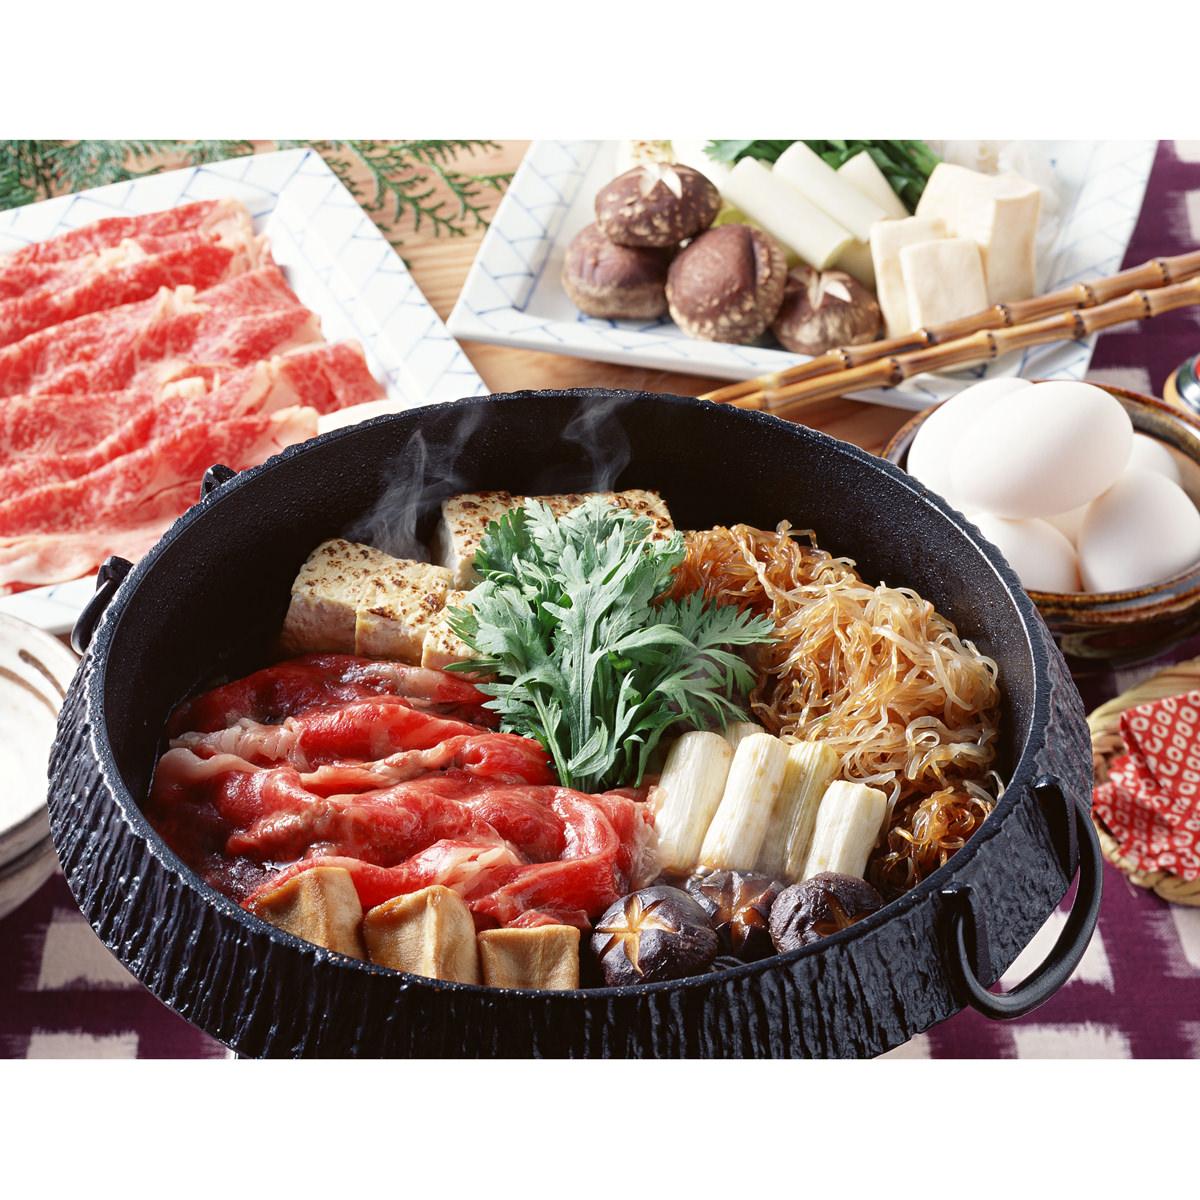 東京帝神 神戸牛 食べ比べセットA 400g〔バラスライス・赤身スライス 各200g〕